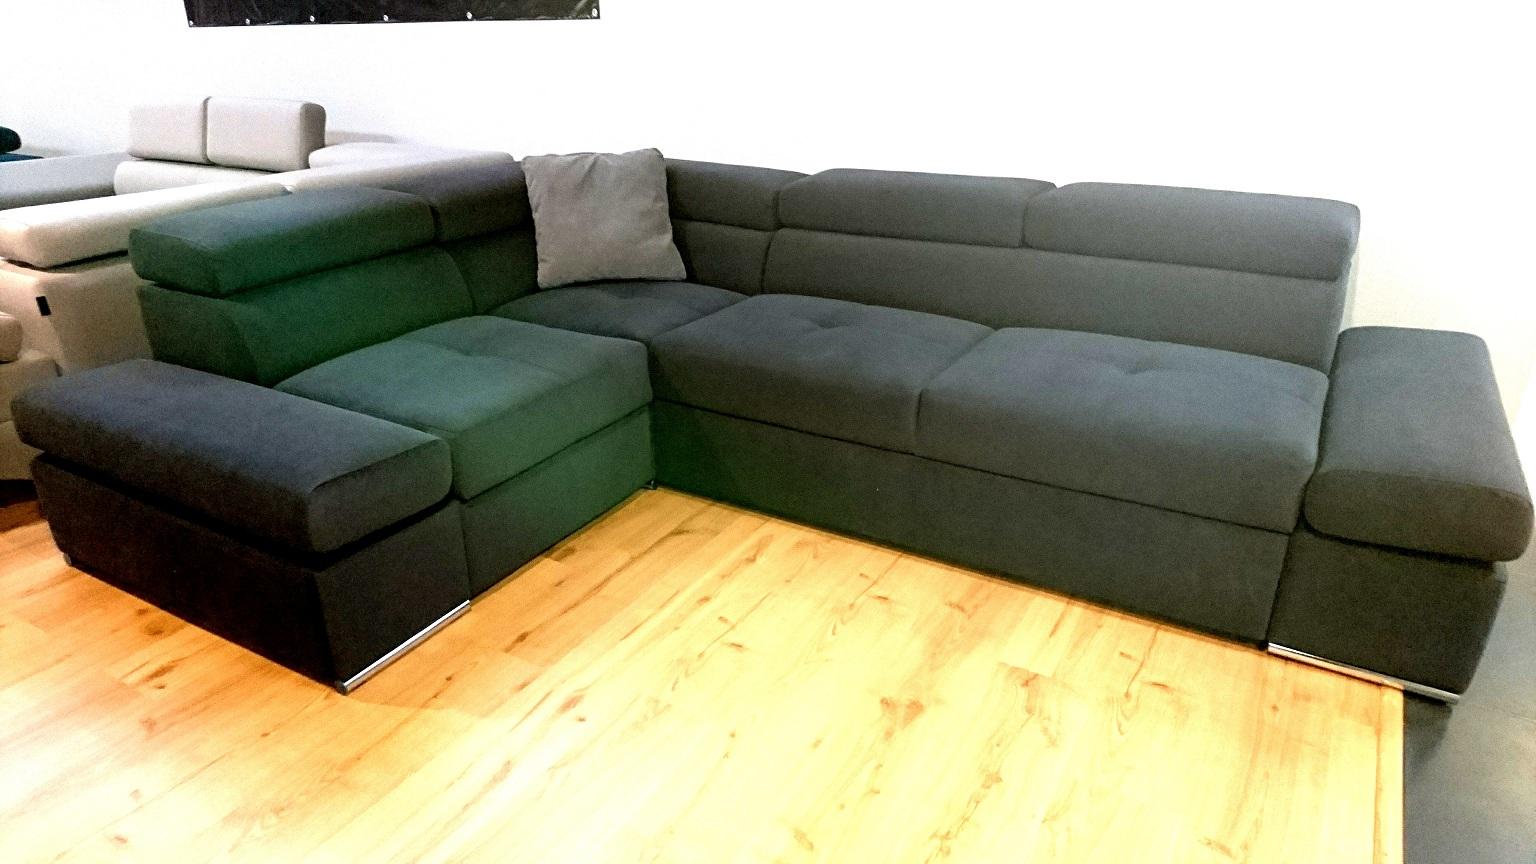 Ekspozycja Wyprzeda Lorenzo Naro Nik Z Funkcj Spania Tkanina Carabu 91 Studio Komfort Warszawa